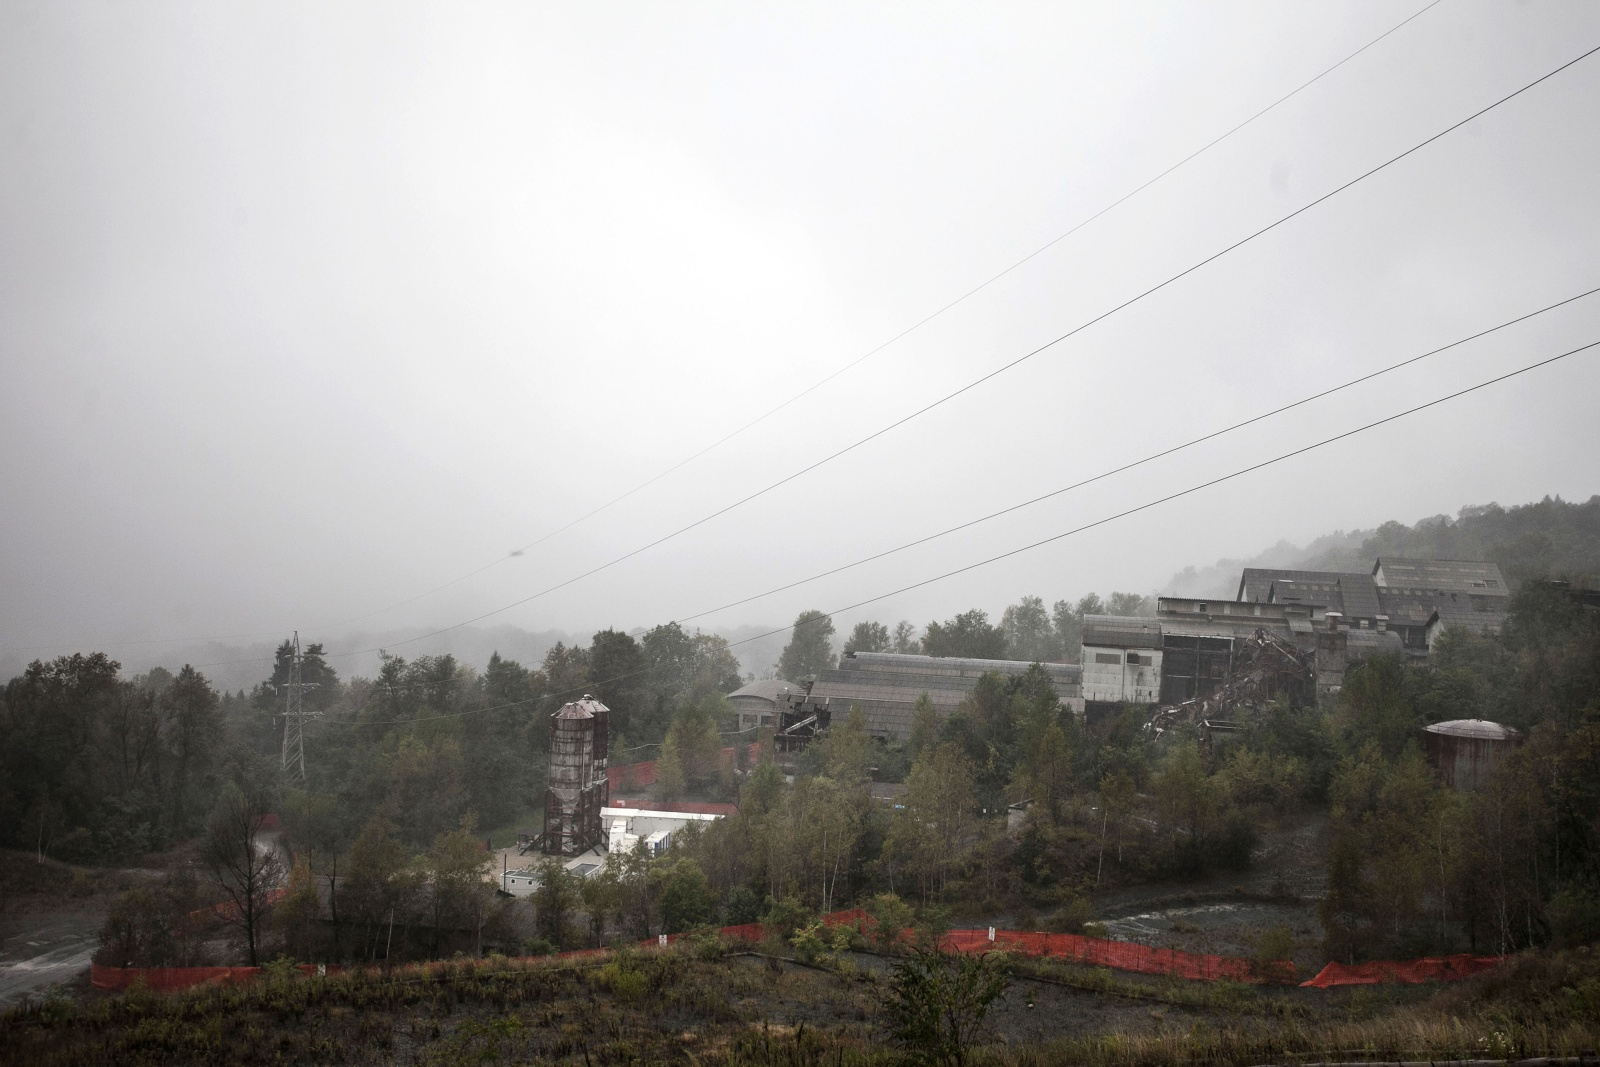 Ex miniera amiantifera di Balangero, la più grande cava di amianto in Europa e tra le prime nel mondo. Chiusa nel 1990 quando sono  iniziati i lavori di bonifica  delle quattro montagne da dove veniva estratto il materiale.